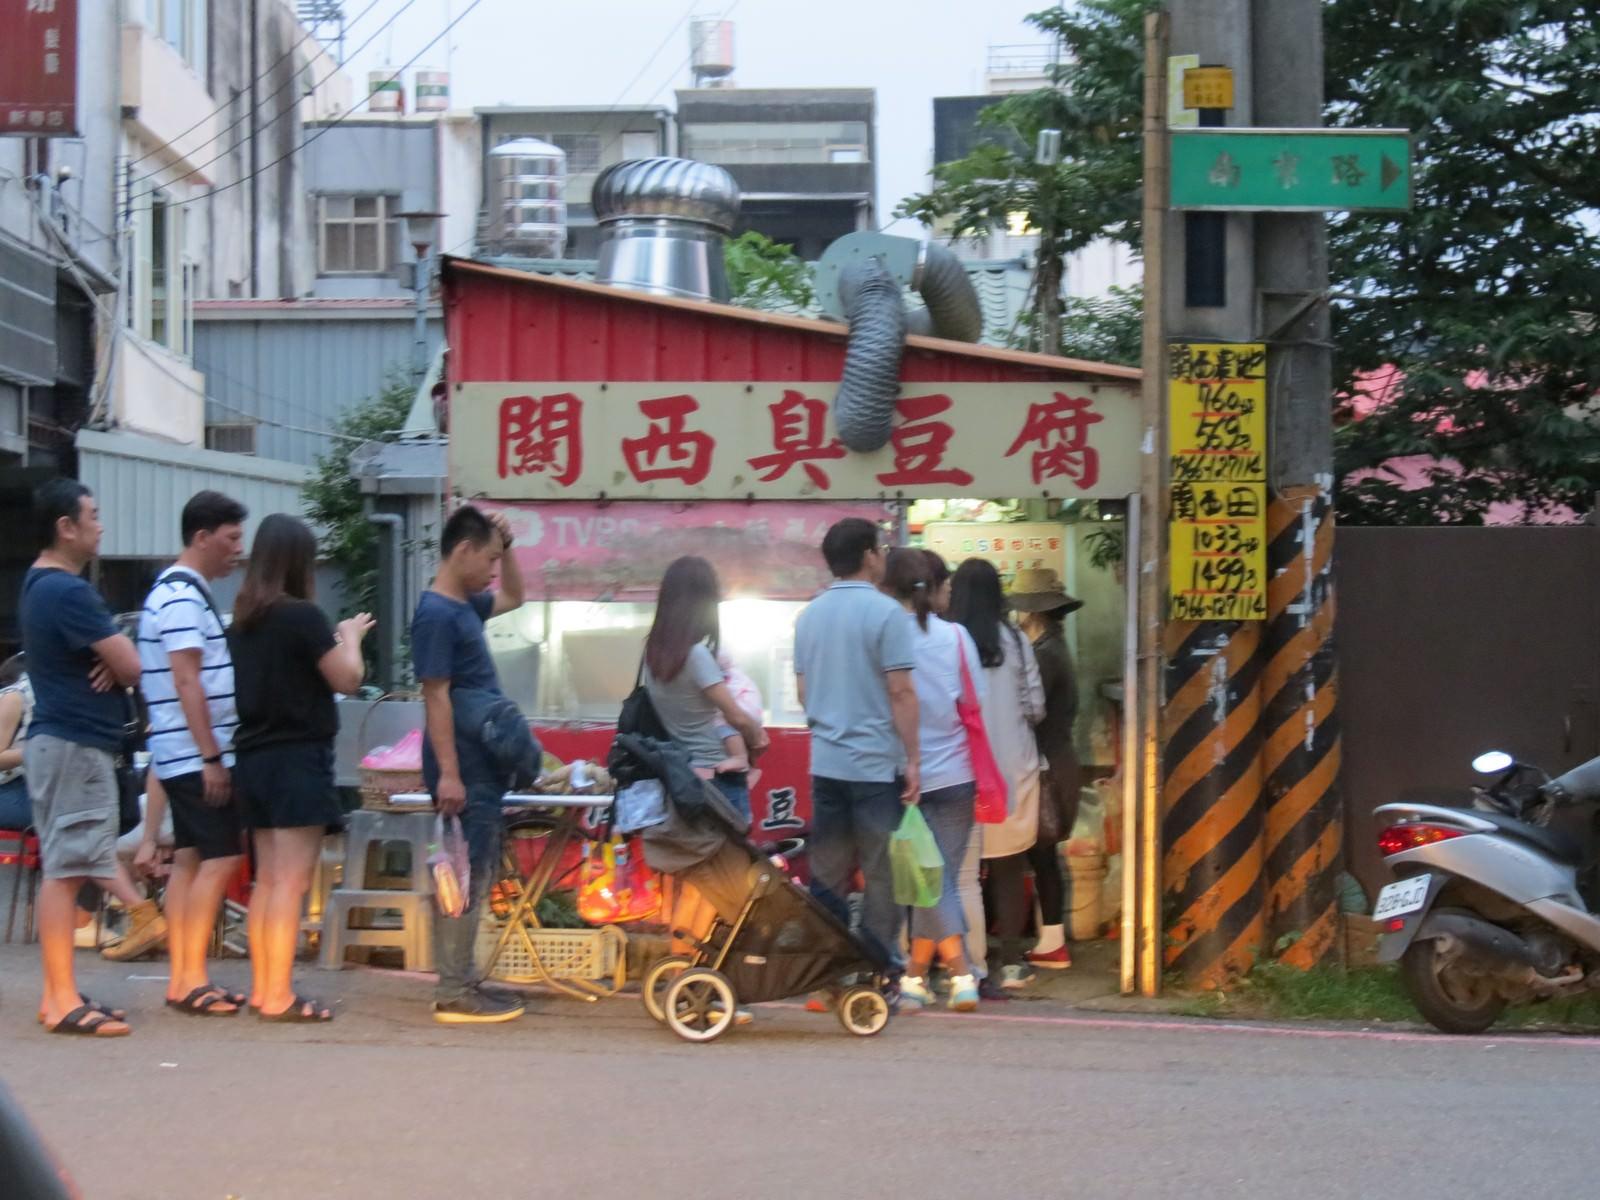 關西立夏小旅行, 關西臭豆腐